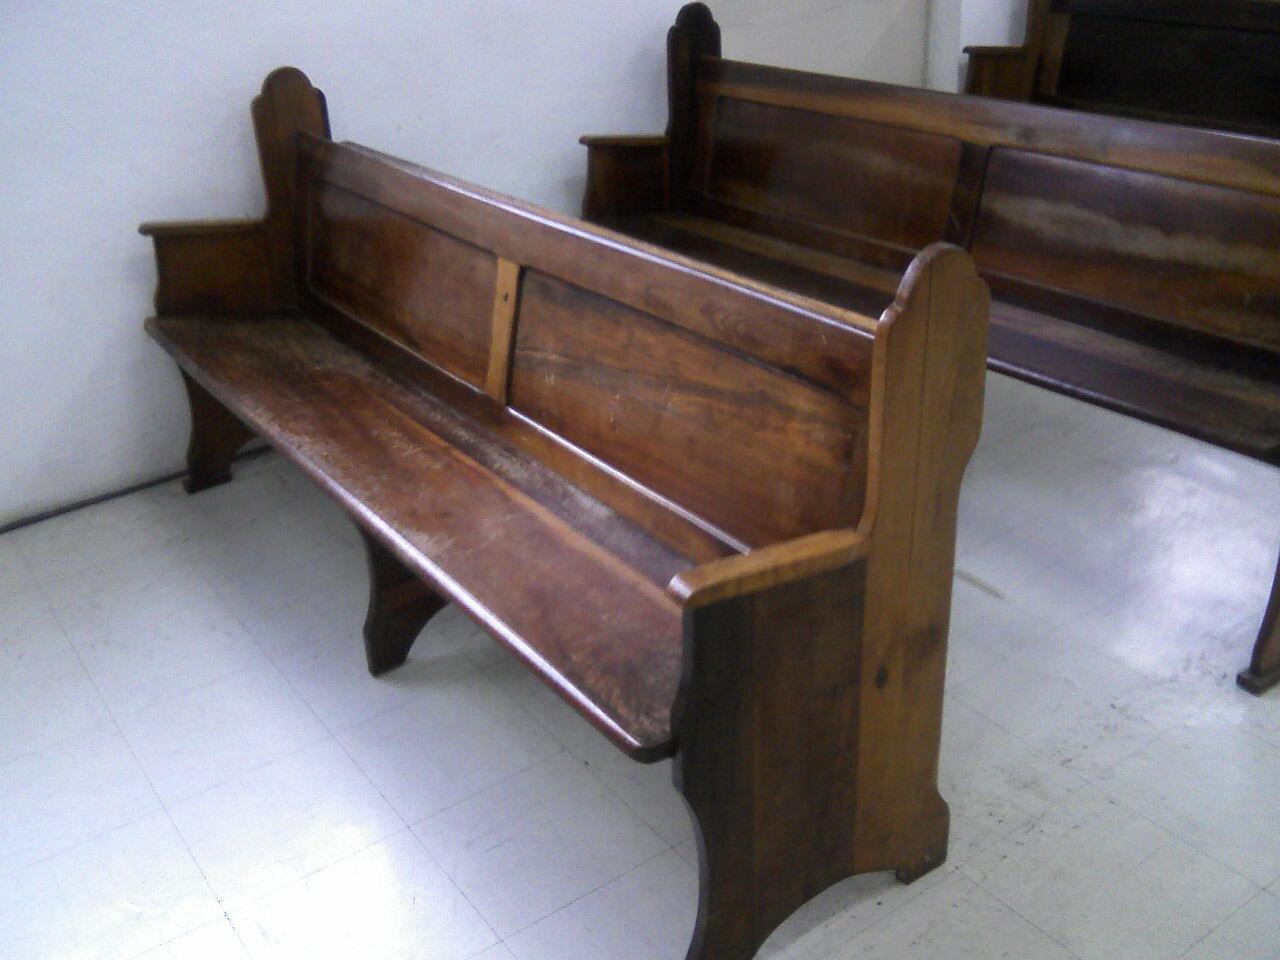 Bancos de jardim. Bancos de madeira e pés em ferro fundido. Bancos de #644737 1280x960